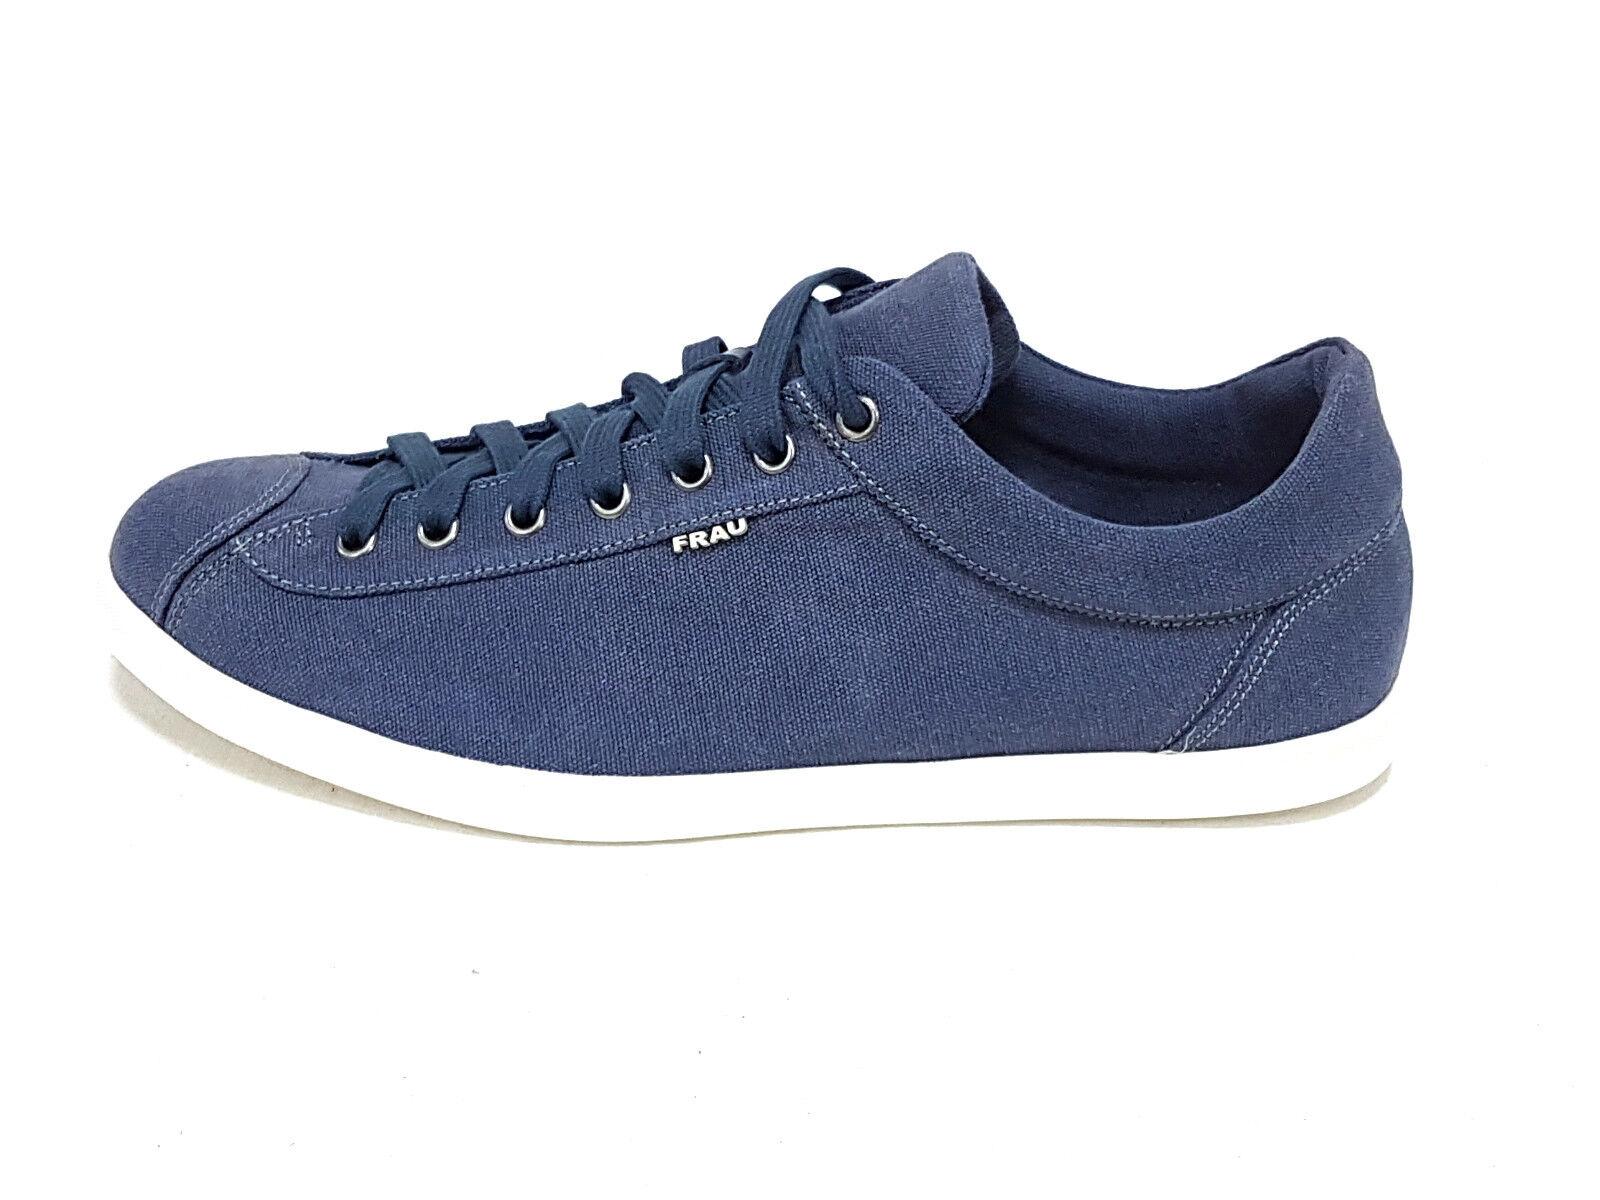 Frau navy scarpe uomo estive 10y5 navy Frau n°40 62c556